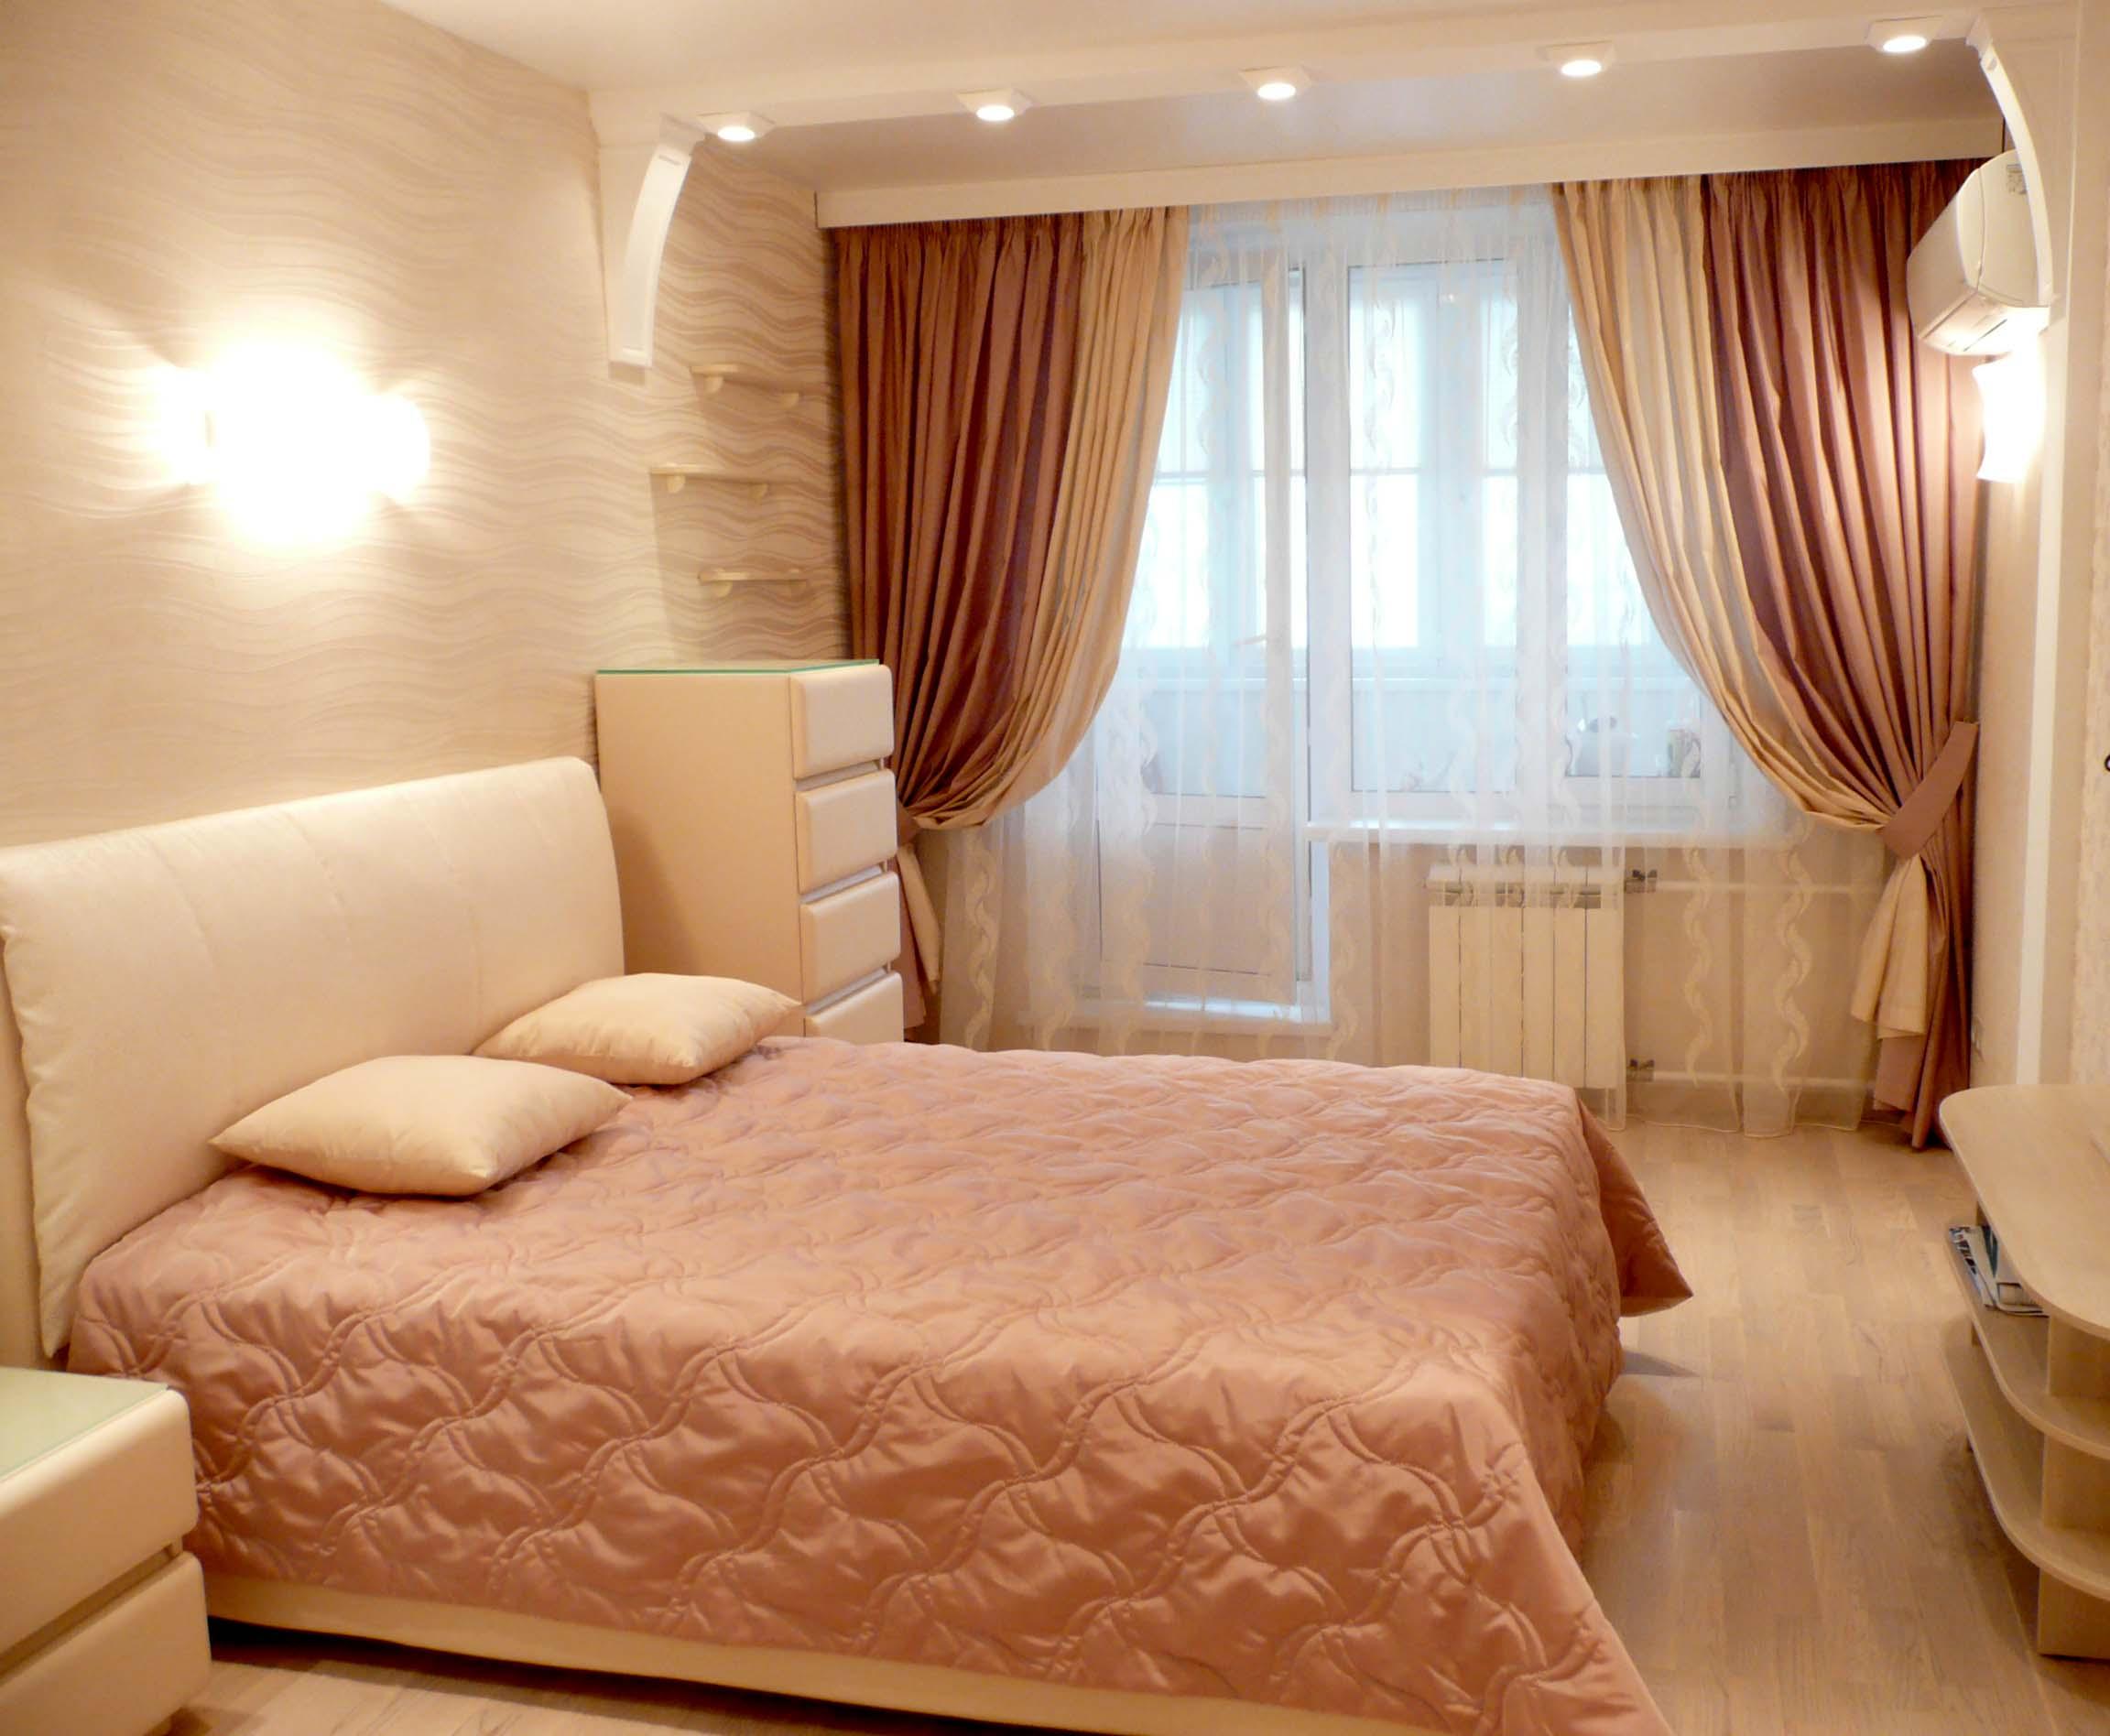 Балконные шторы. шторы для спальни с балконом in в спальню 8.